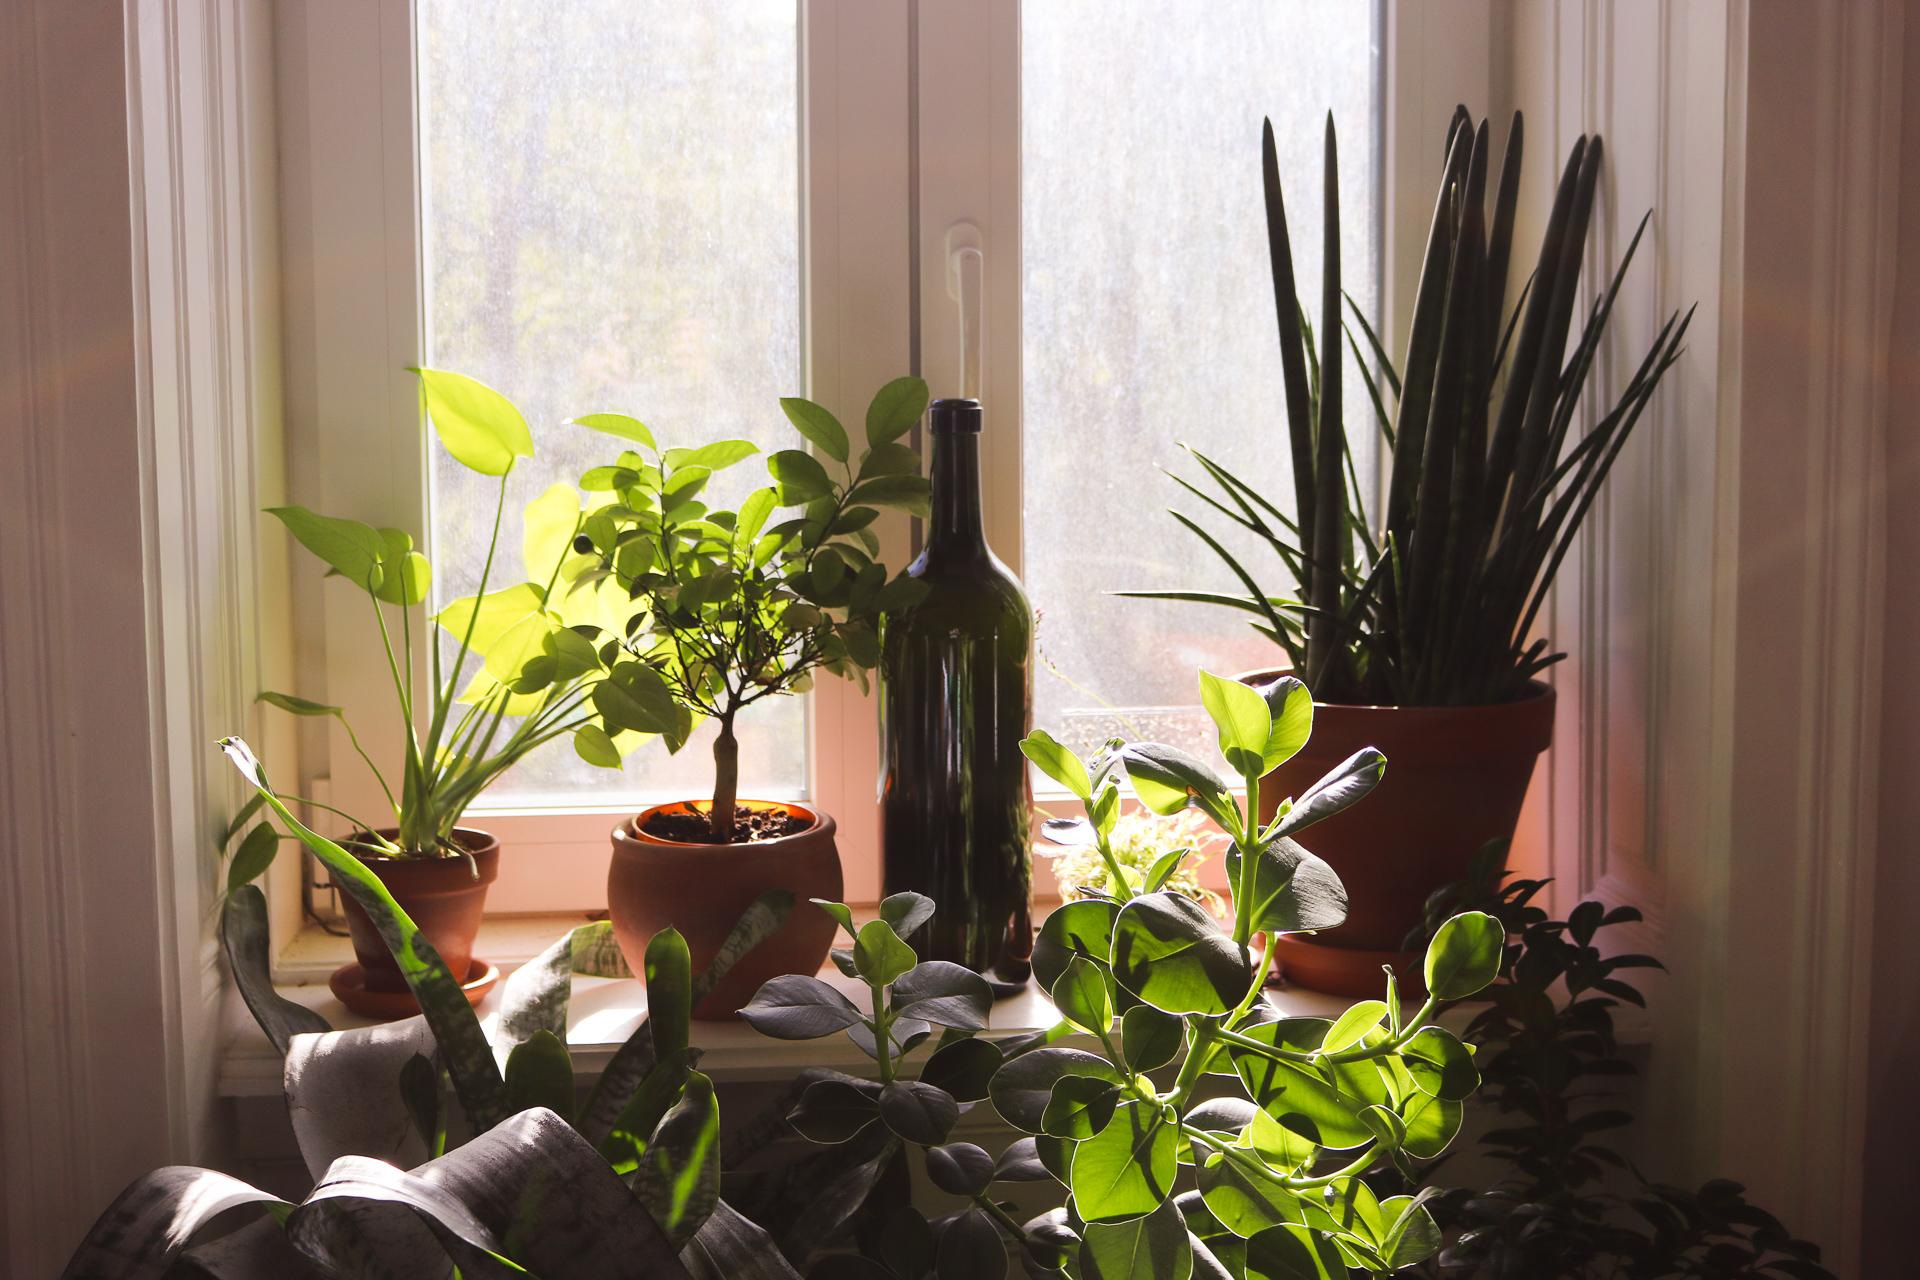 Das Wasser ist auch perfekt geeignet für Zimmerpflanzen! Durch den geringen Kalkanteil vertragen es auch exotische Pflanzen sehr gut. Fotocredits: Laurel Koeniger